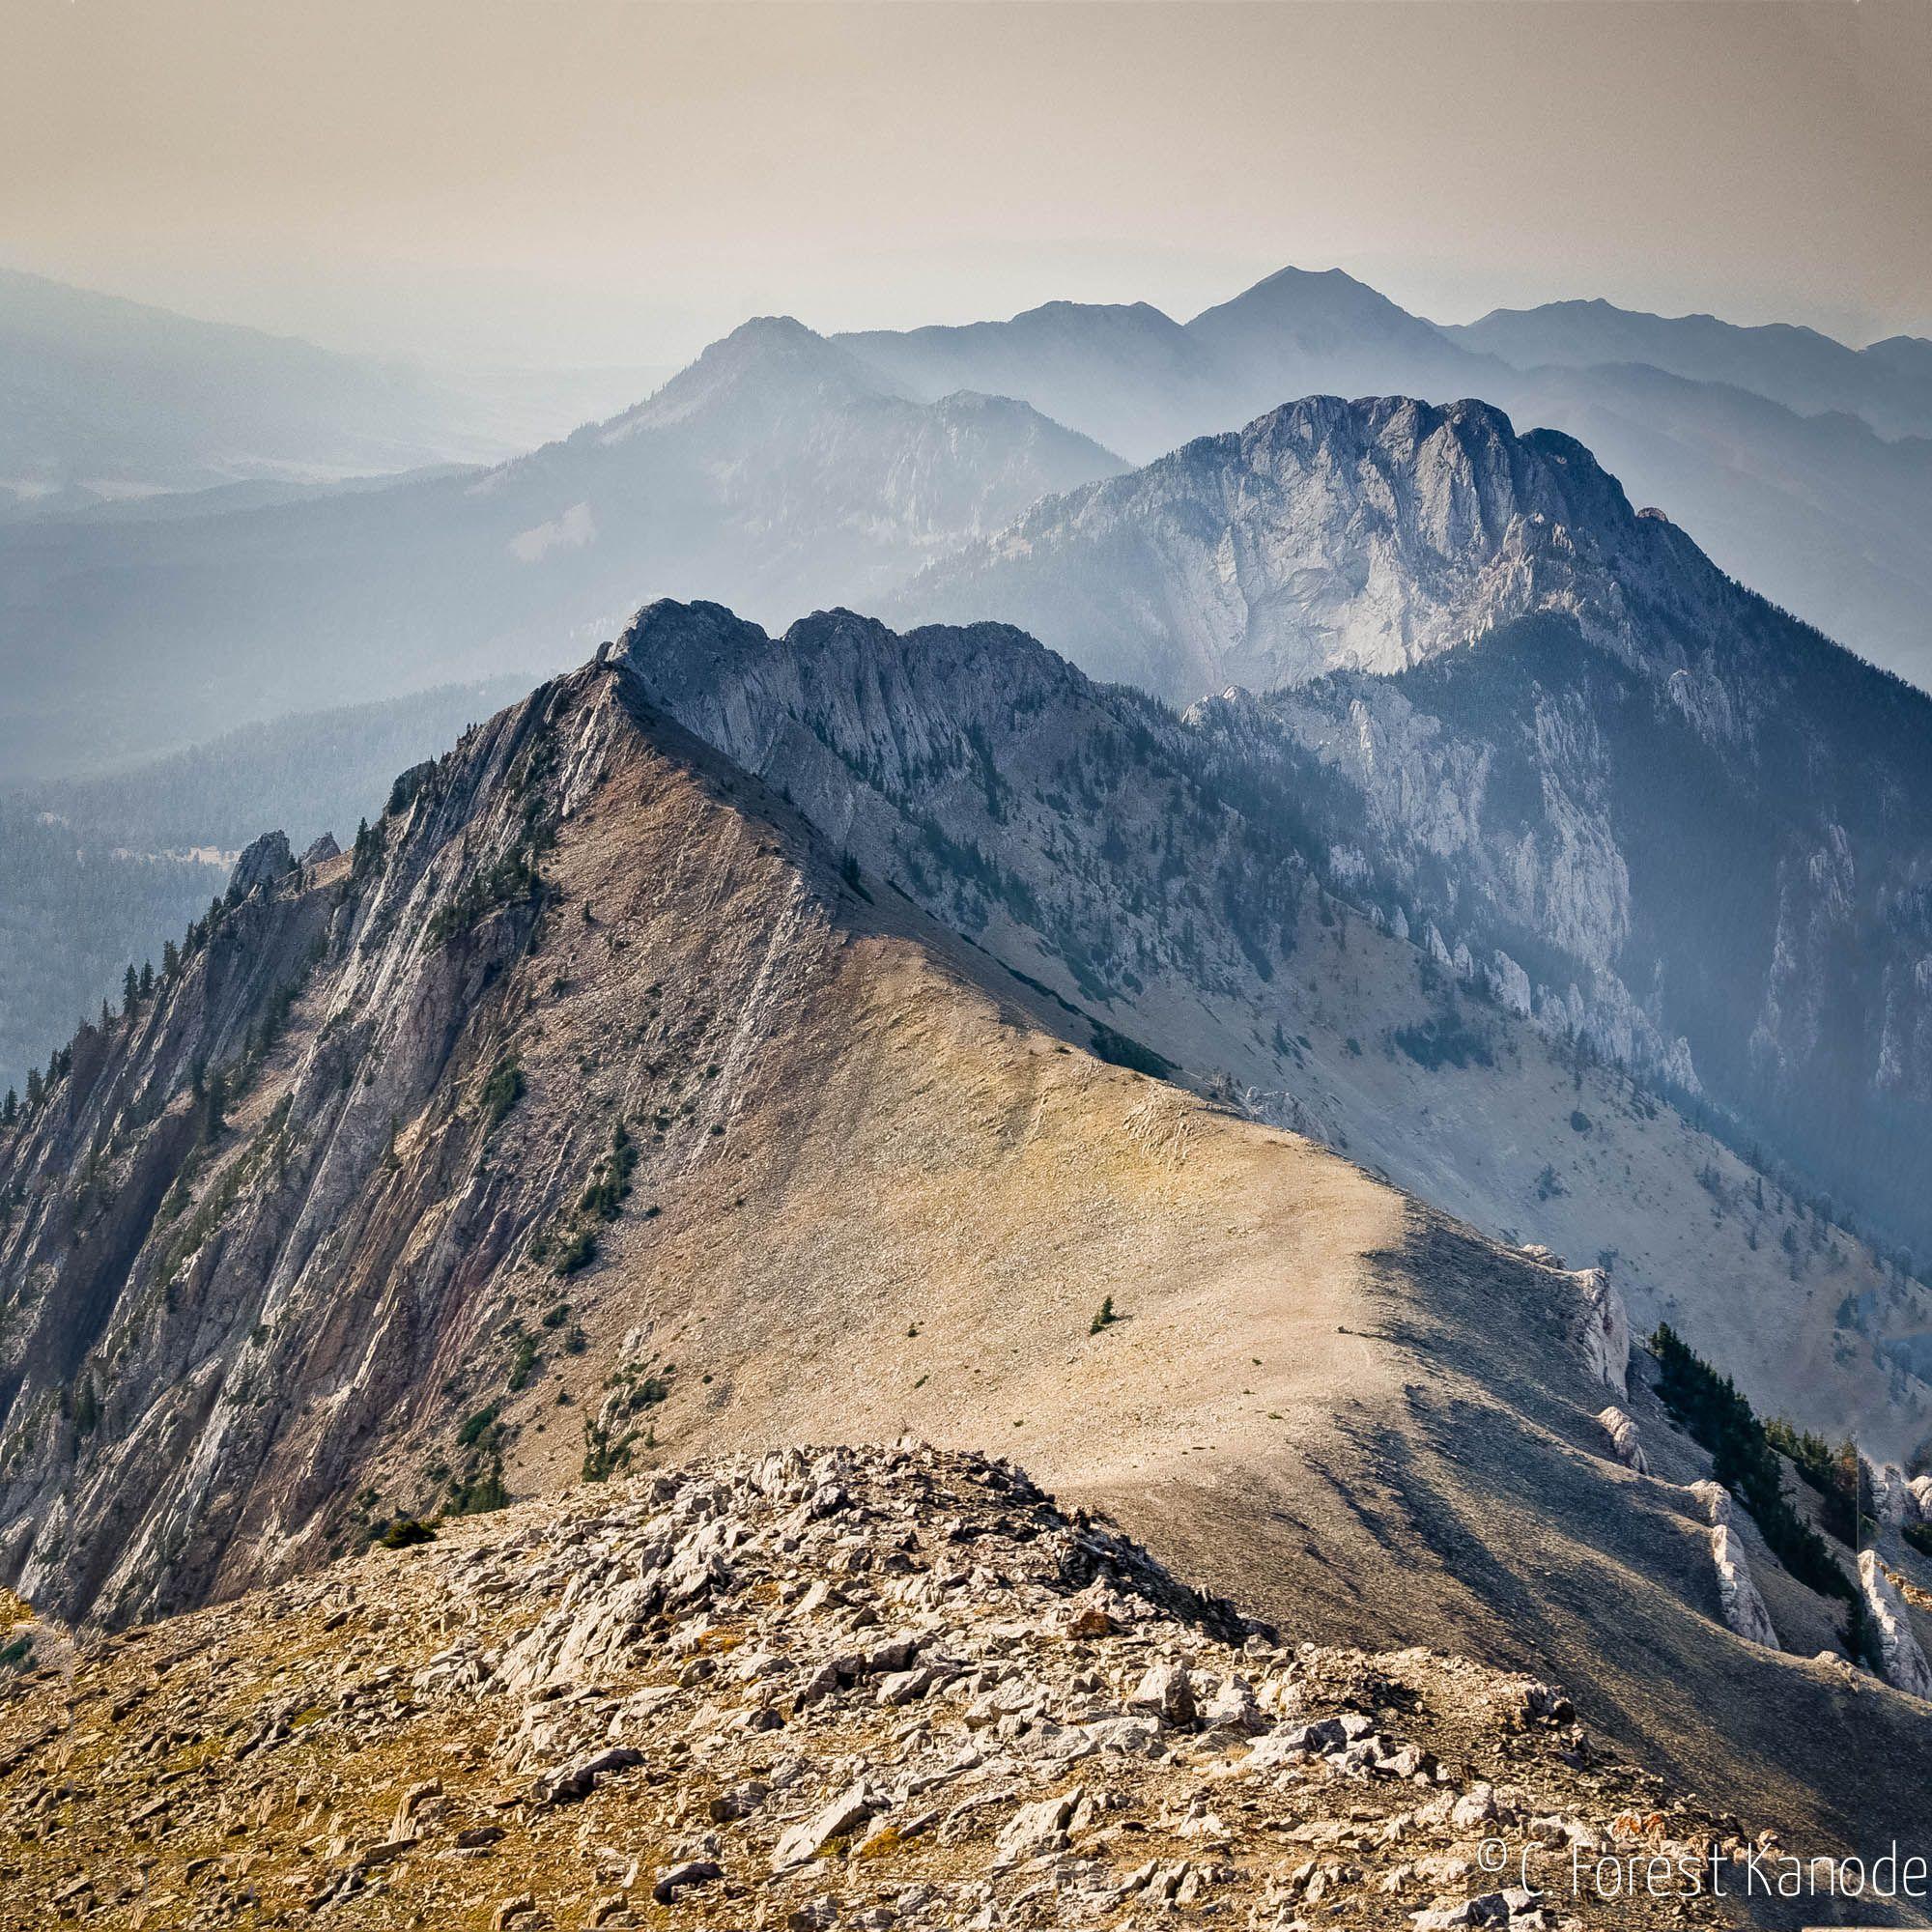 ridge mountains pinterest - photo #2